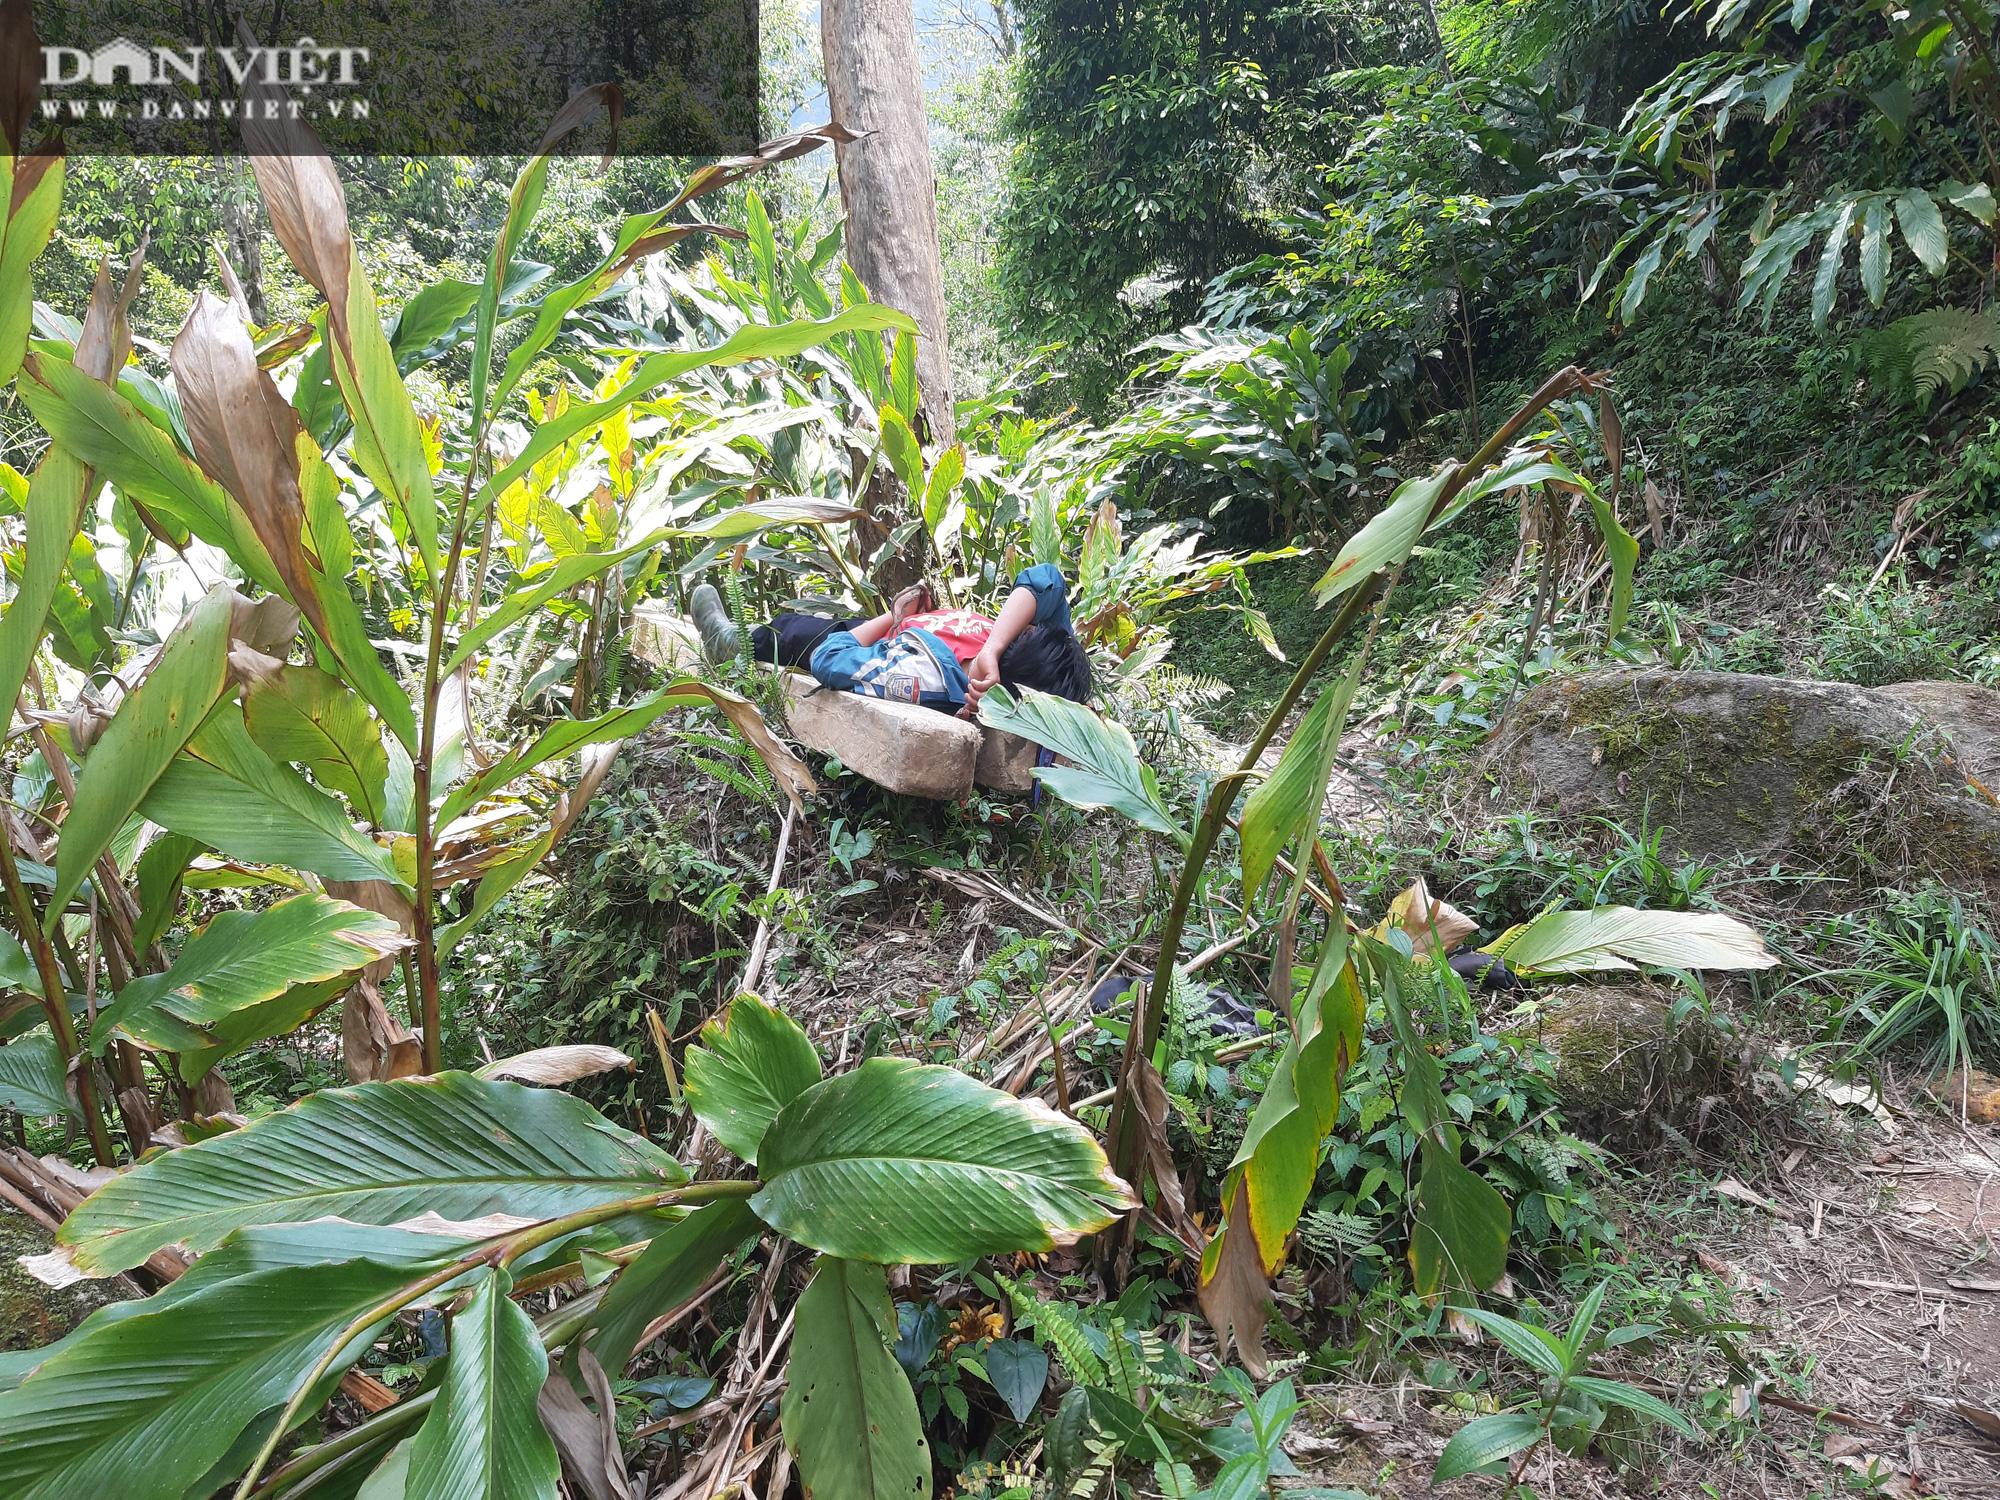 """Phá rừng pơ mu VQG Hoàng Liên (Bài 4): Phá rừng cho """"trùm buôn gỗ"""", chứ không phải để đóng quan tài! - Ảnh 12."""